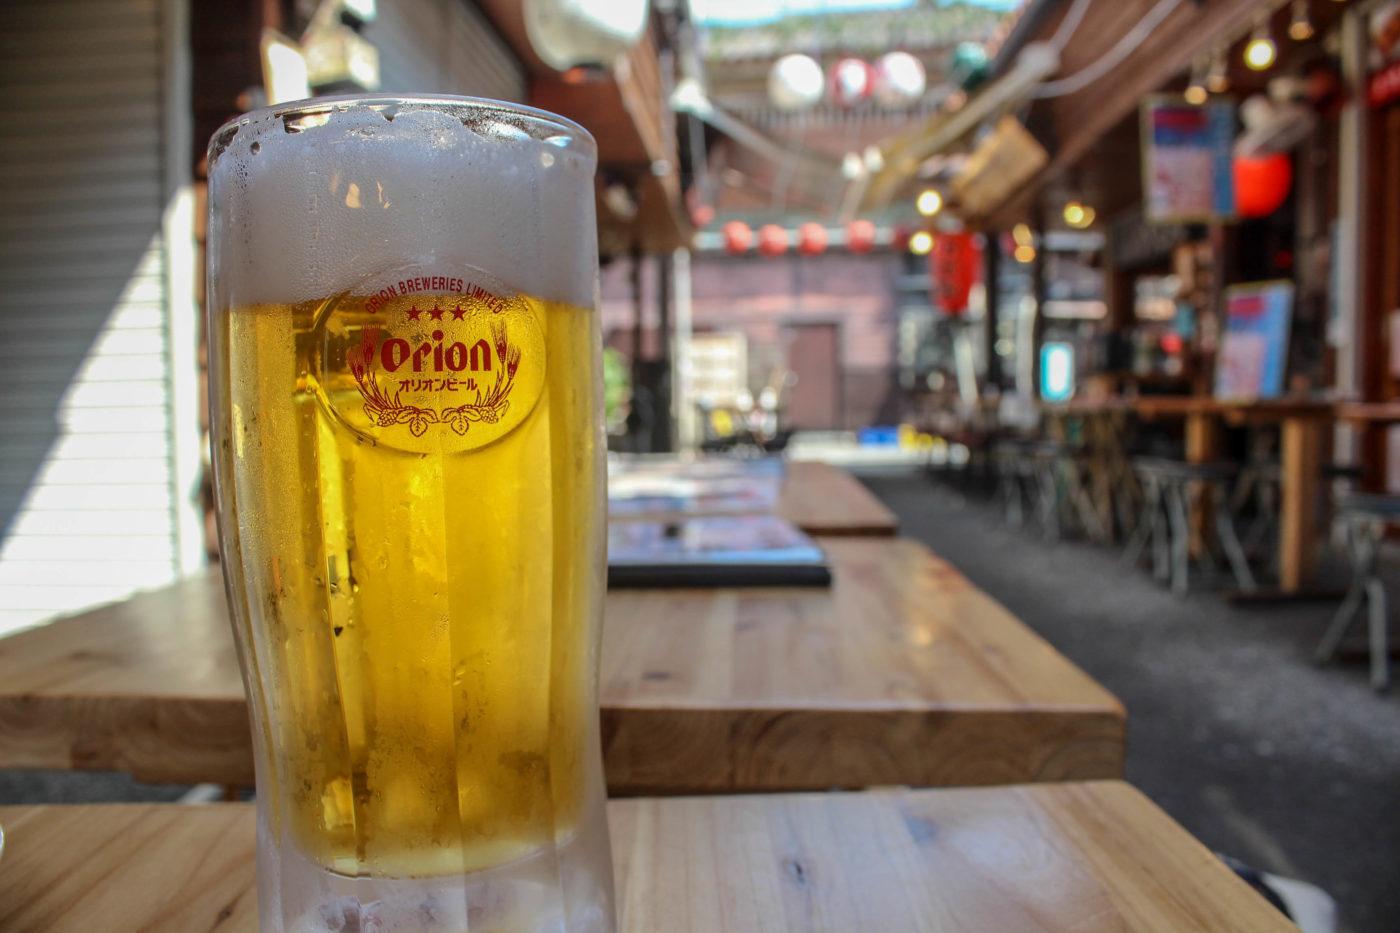 到着日、特にやることが無い中での昼間からのビール。旅の醍醐味だと思うんですよね。